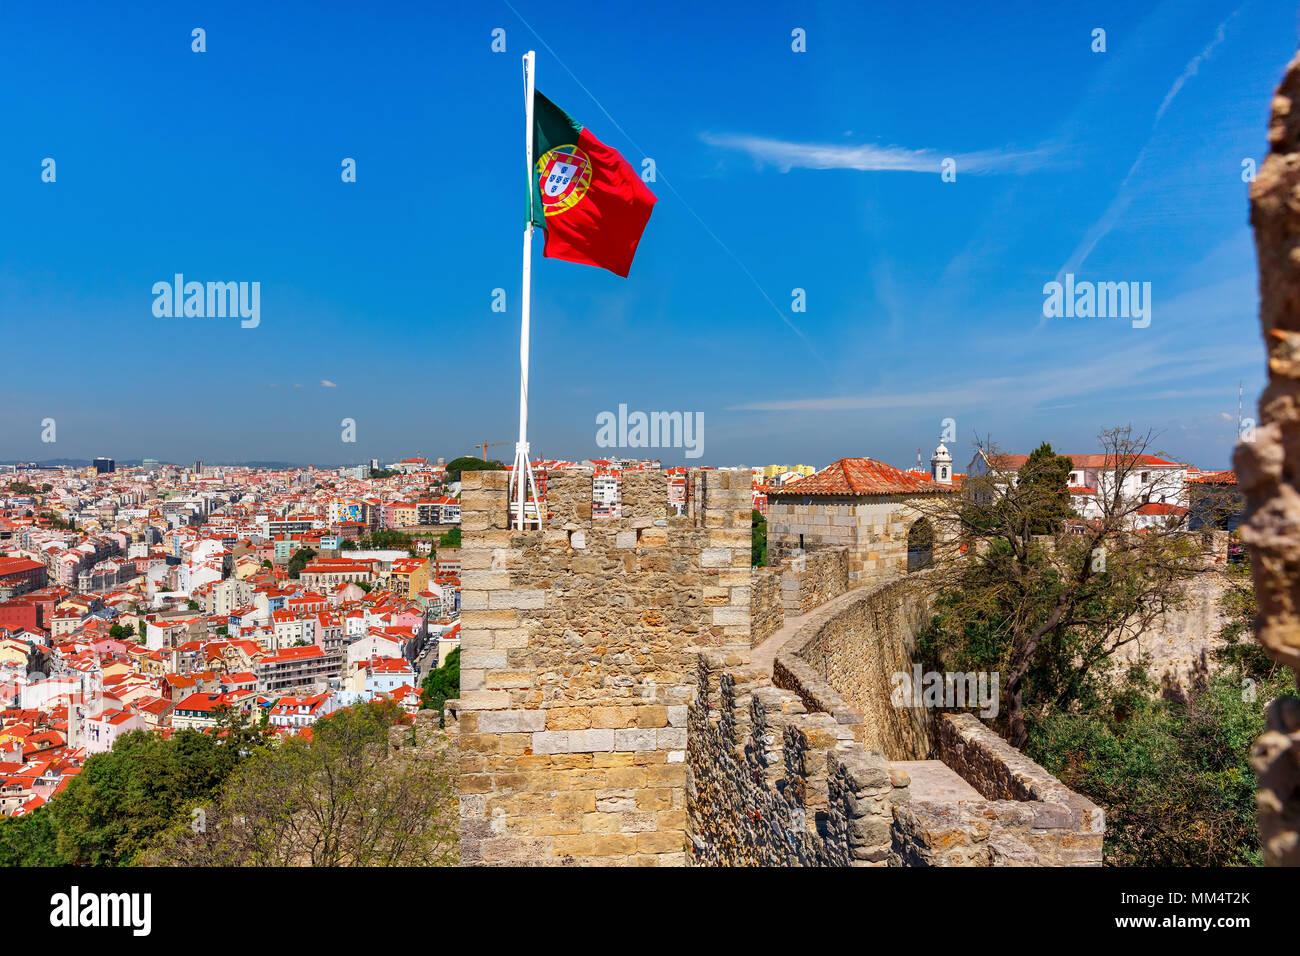 Bandiera portoghese sul muro di fortificazione, Lisbona, Portogallo Immagini Stock